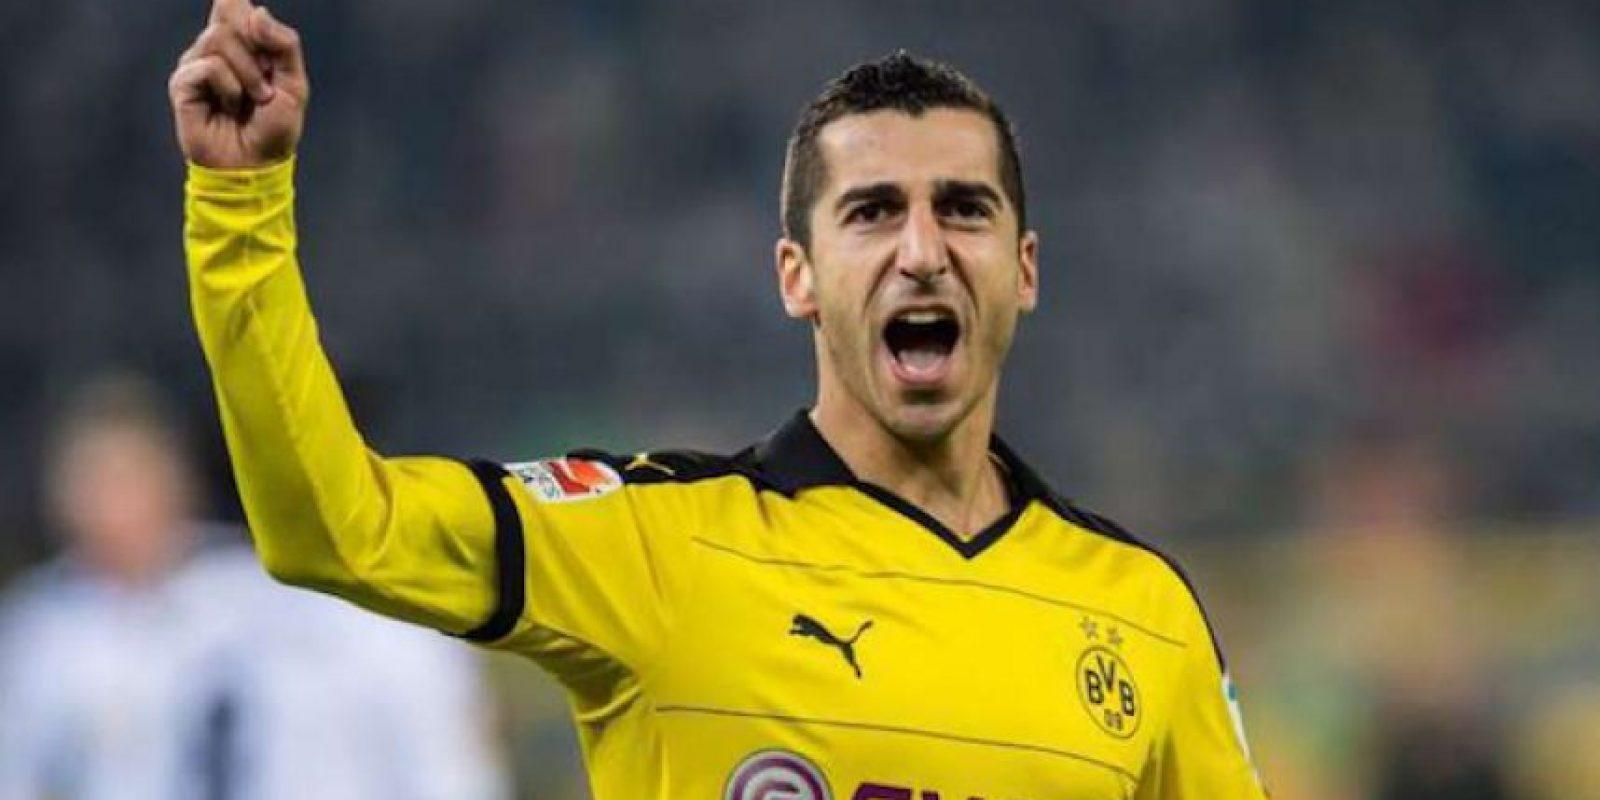 Este delantero armenio de 27 años llega a Inglaterra procedente del Borussia Dortmund. Foto:Twitter